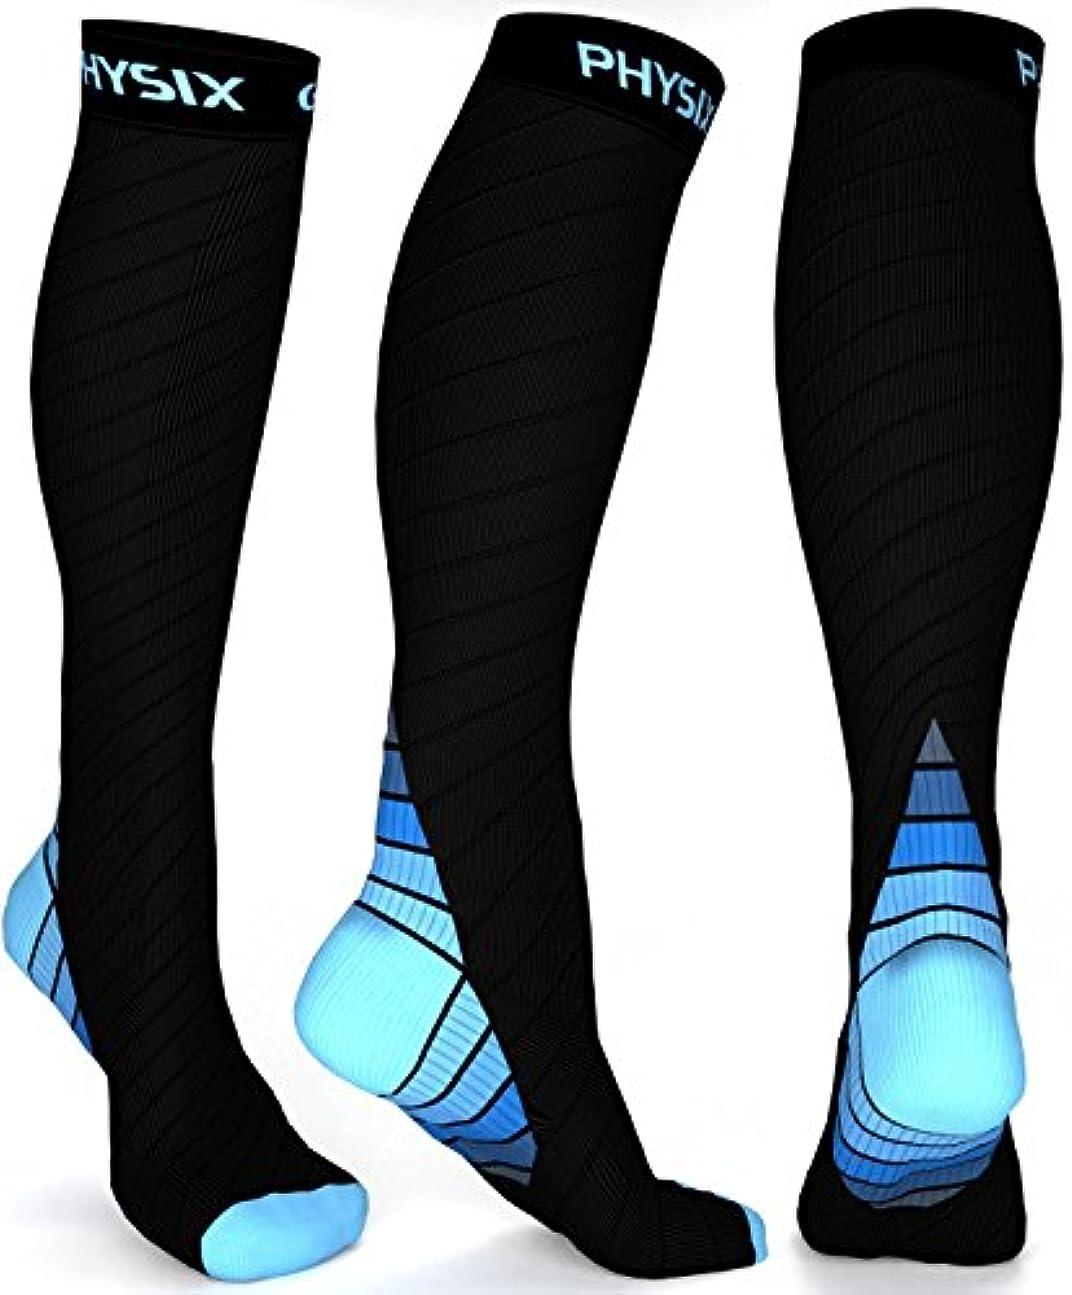 無視するシンプルさ骨折Physix Gearコンプレッションソックス男性用/女性用(20?30 mmHg)最高の段階的なフィット ランニング、看護、過労性脛部痛、フライトトラベル&マタニティ妊娠 – スタミナ、循環&回復 (BLACK & BLUE...